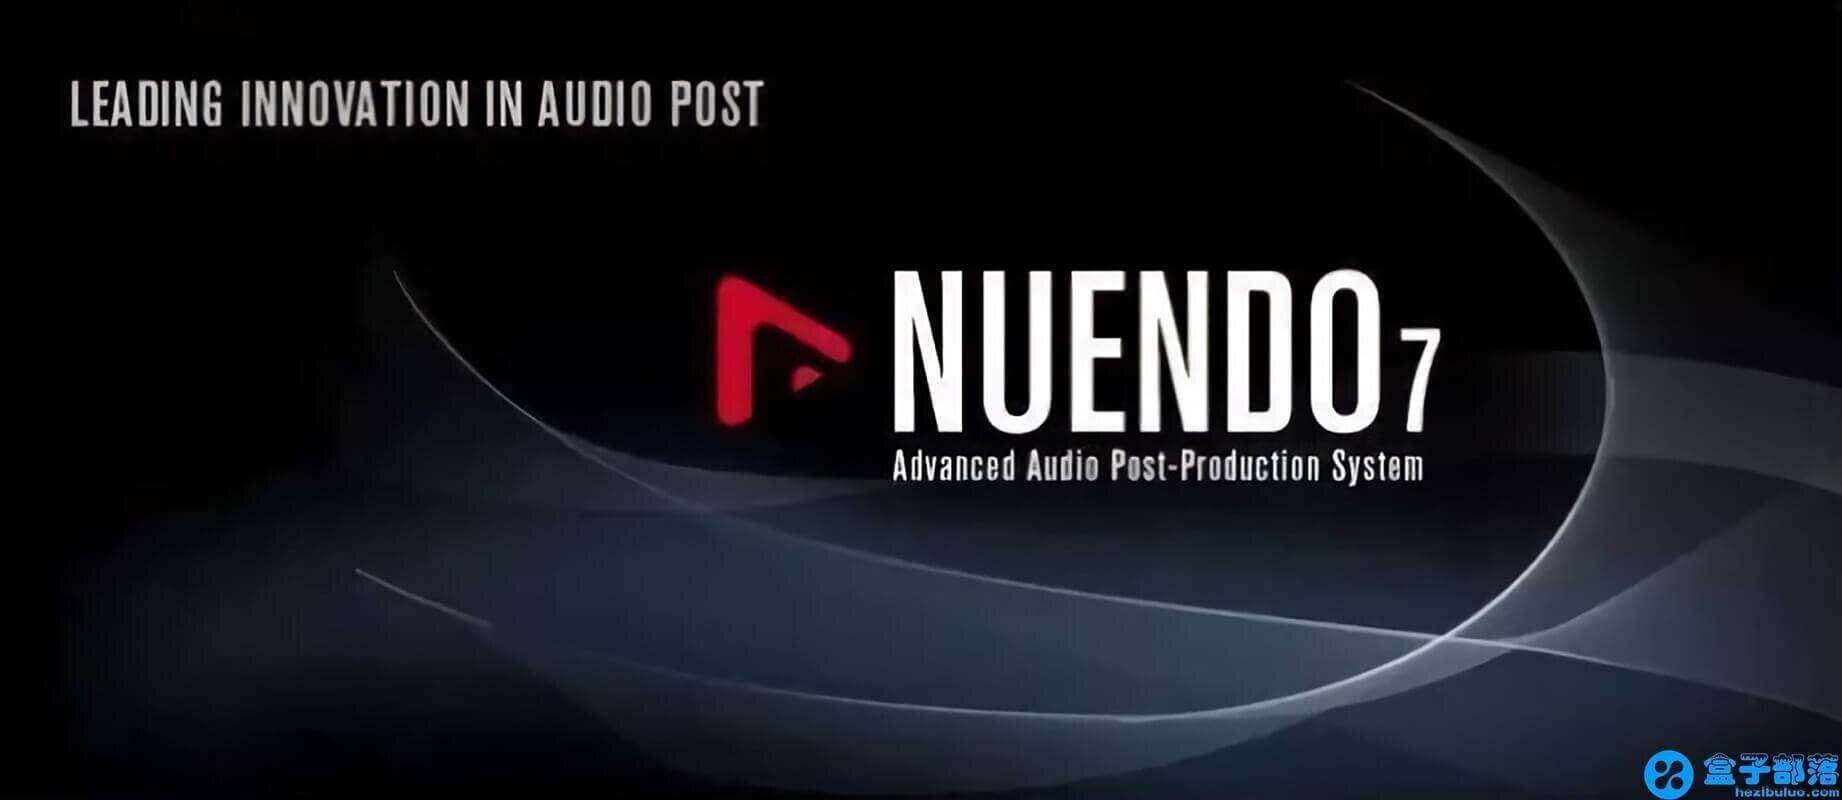 Nuendo 7 功能强大的音频编辑软件